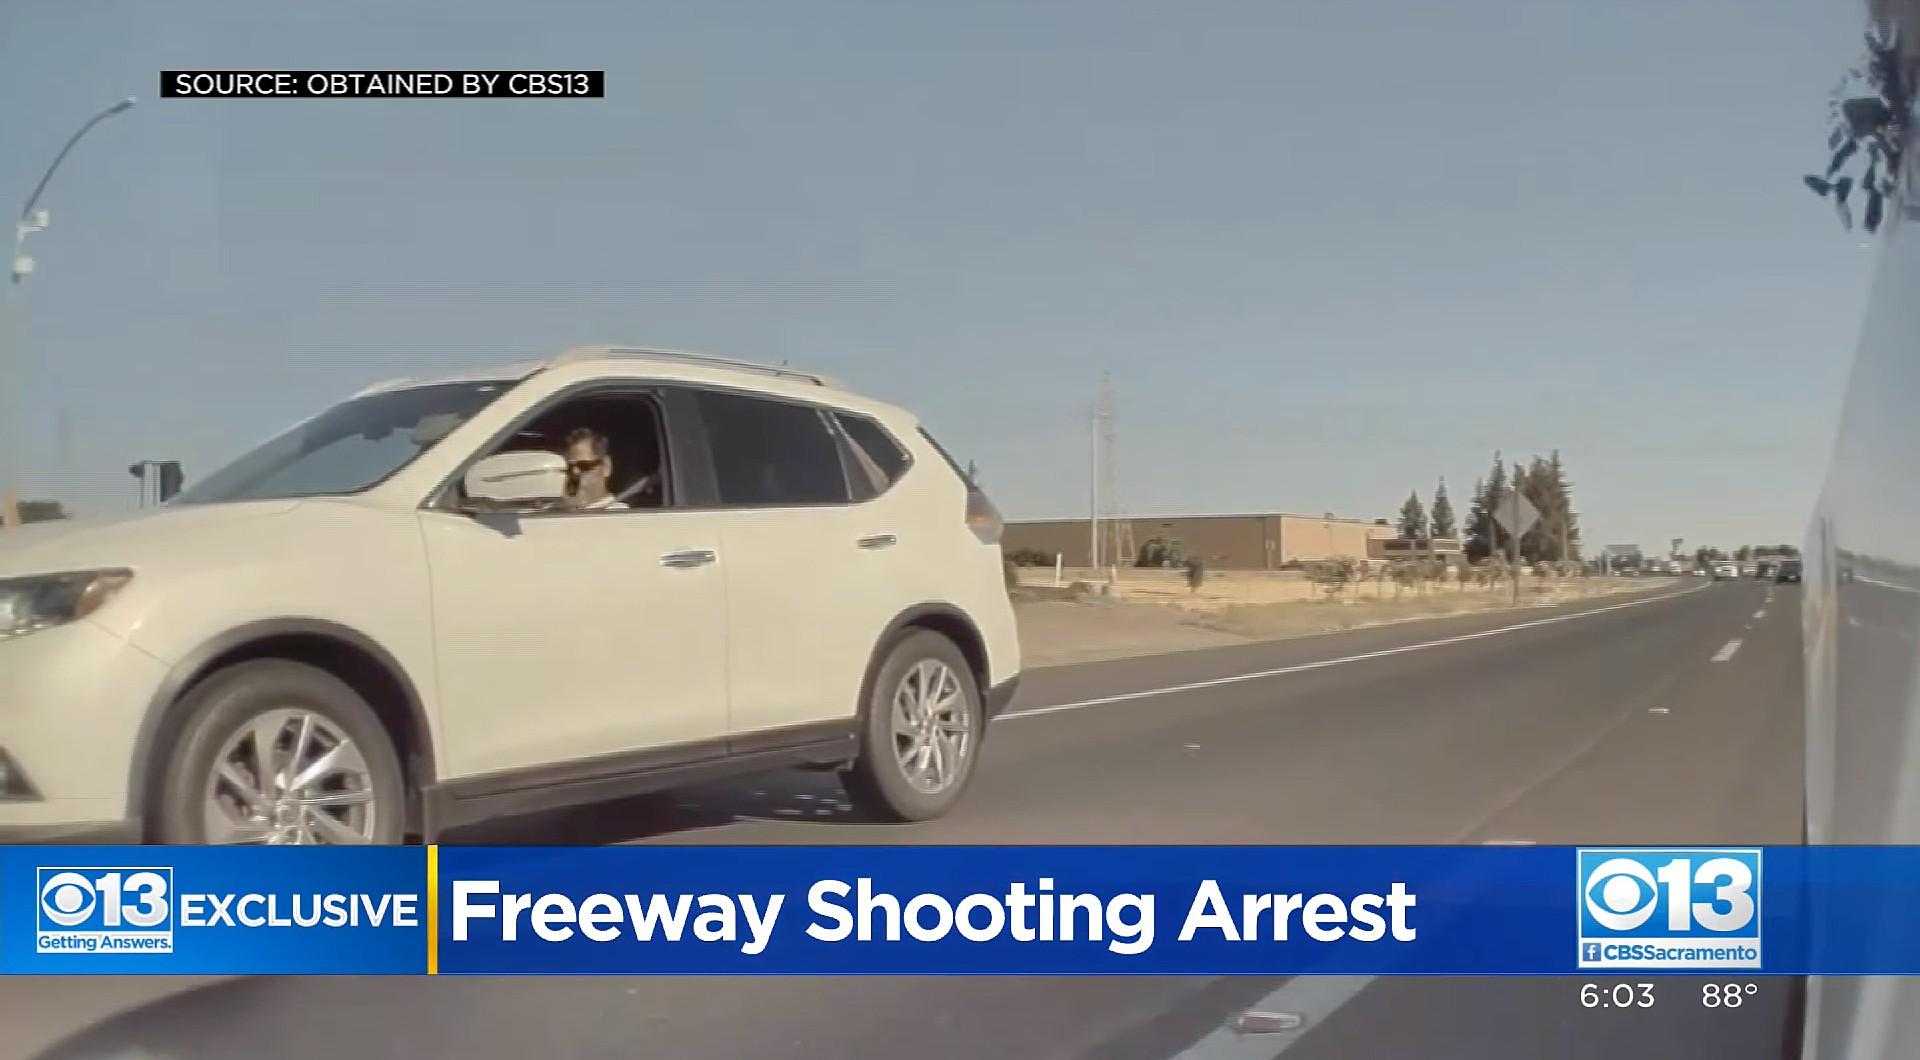 Видеорегистратор Tesla помогает полиции арестовать человека, стоящего за вирусным TikTok, снимающим видео